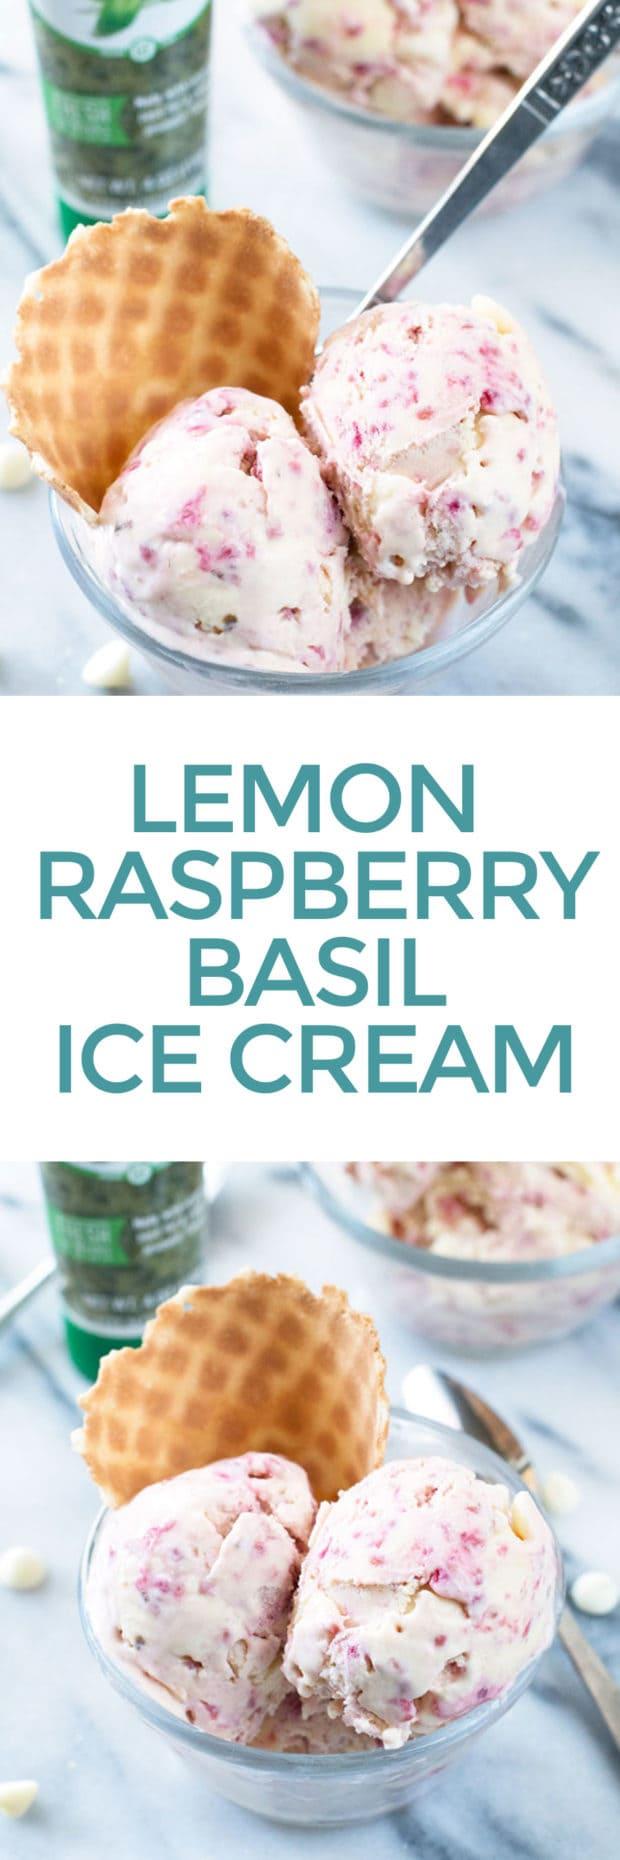 Lemon Raspberry Basil Ice Cream | cakenknife.com